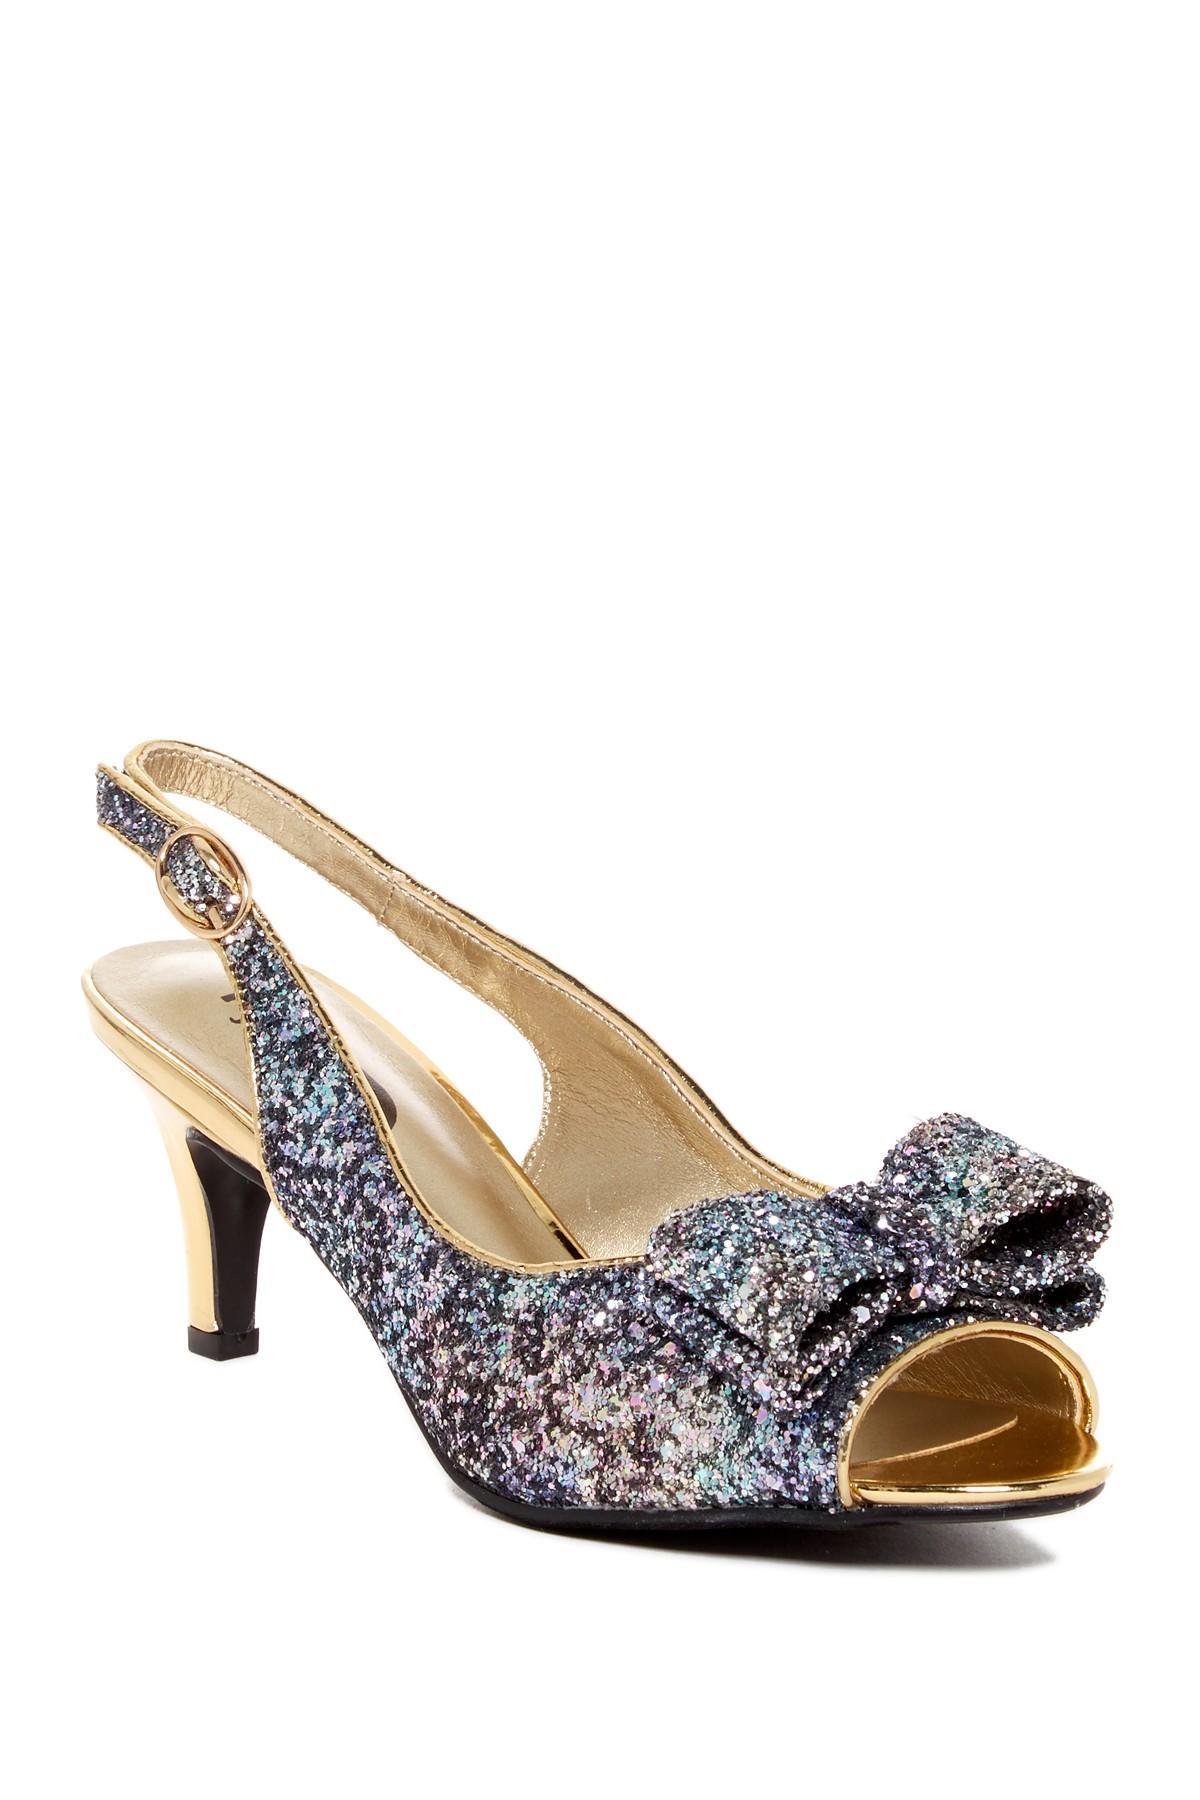 J Renee Wide Width Shoes